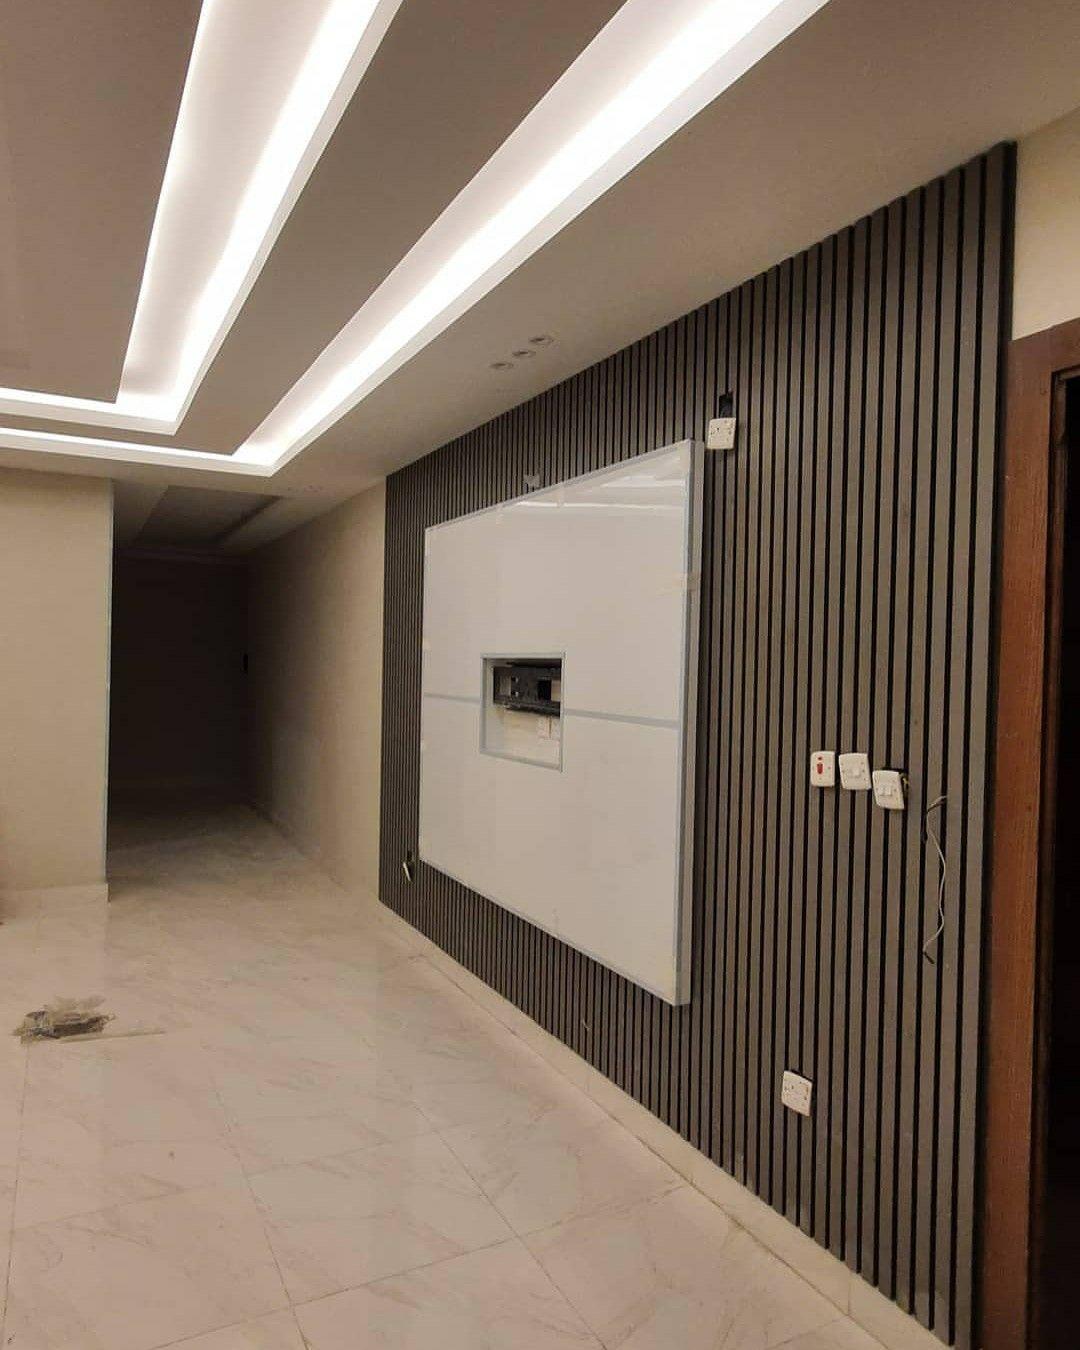 ديكور تلفار ديكور خلف تلفزيون ديكورات خلفية تلفزيون خلفية تلفزيون خشب ديكور بيتك ديكور داخلي House Ceiling Design Ceiling Design Modern Entrance Hall Decor